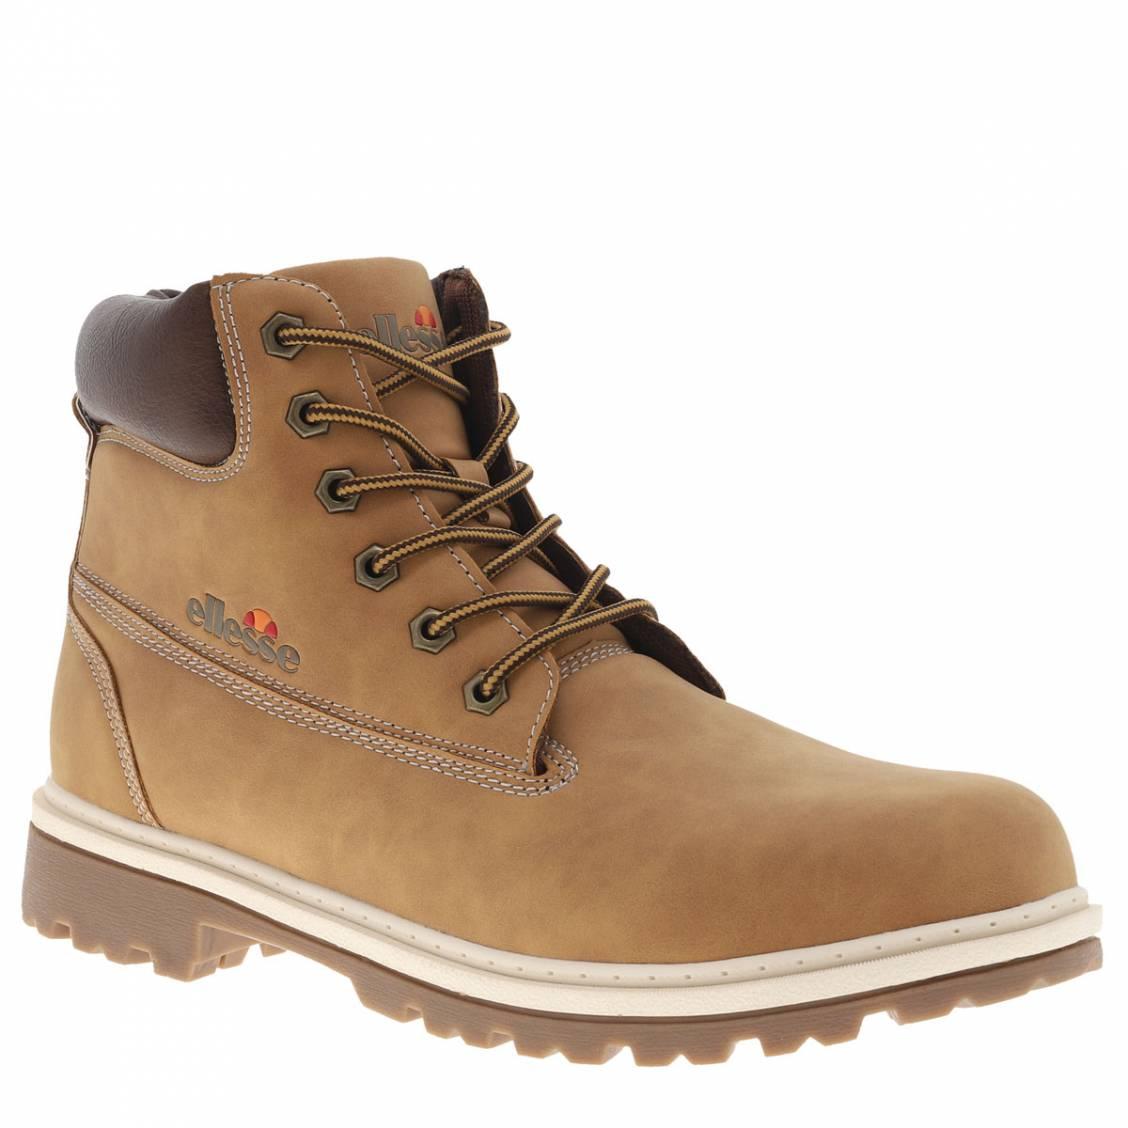 3a8472d6c06 Boots hautes Ellesse Prime marron Boots hautes Ellesse Prime marron ...